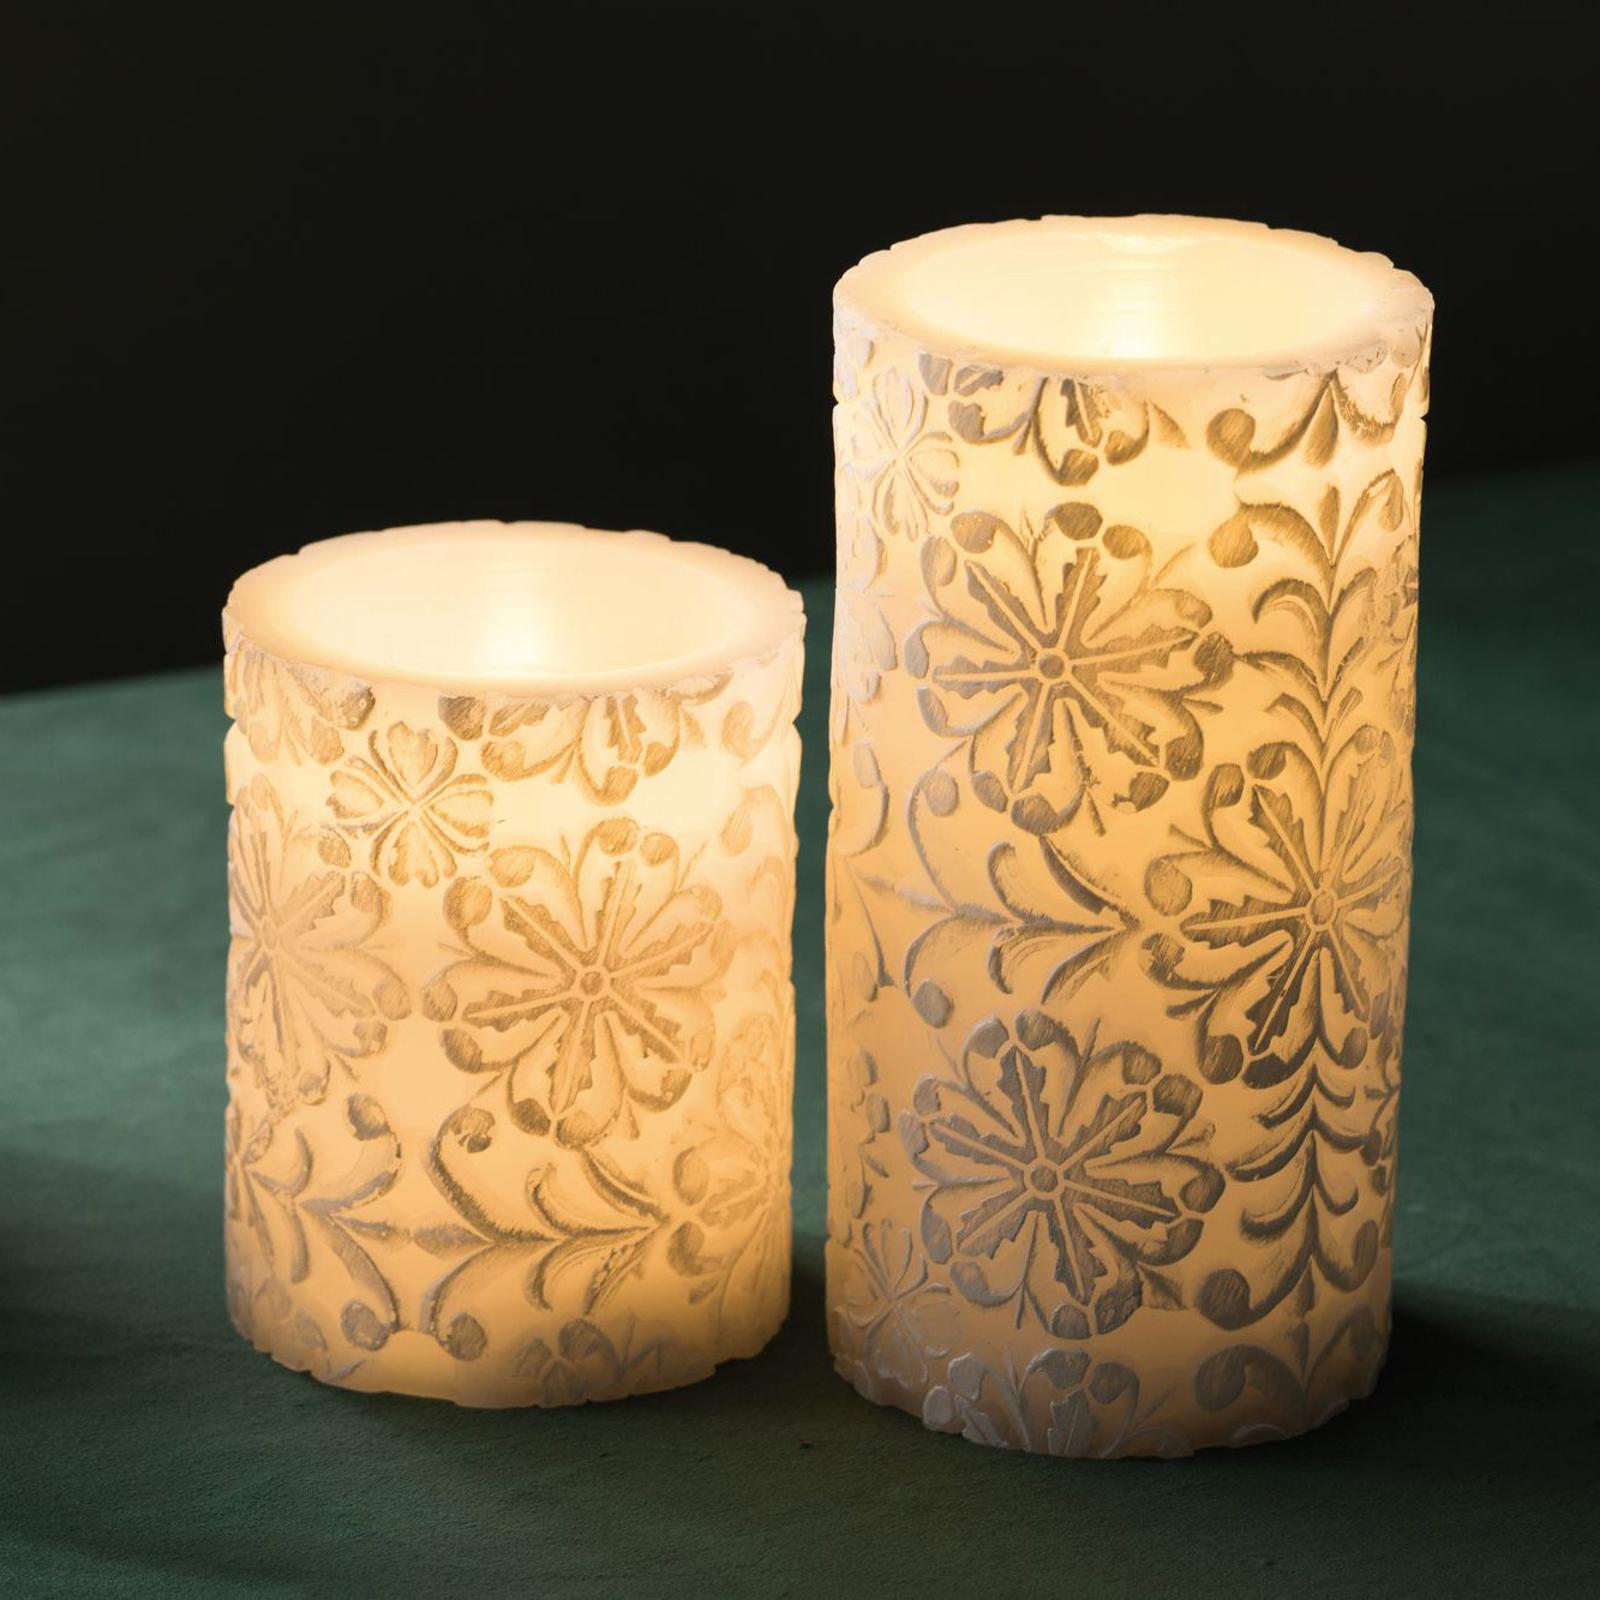 Pauleen Little Lilac Candle LED-kerte, sæt m 2 stk